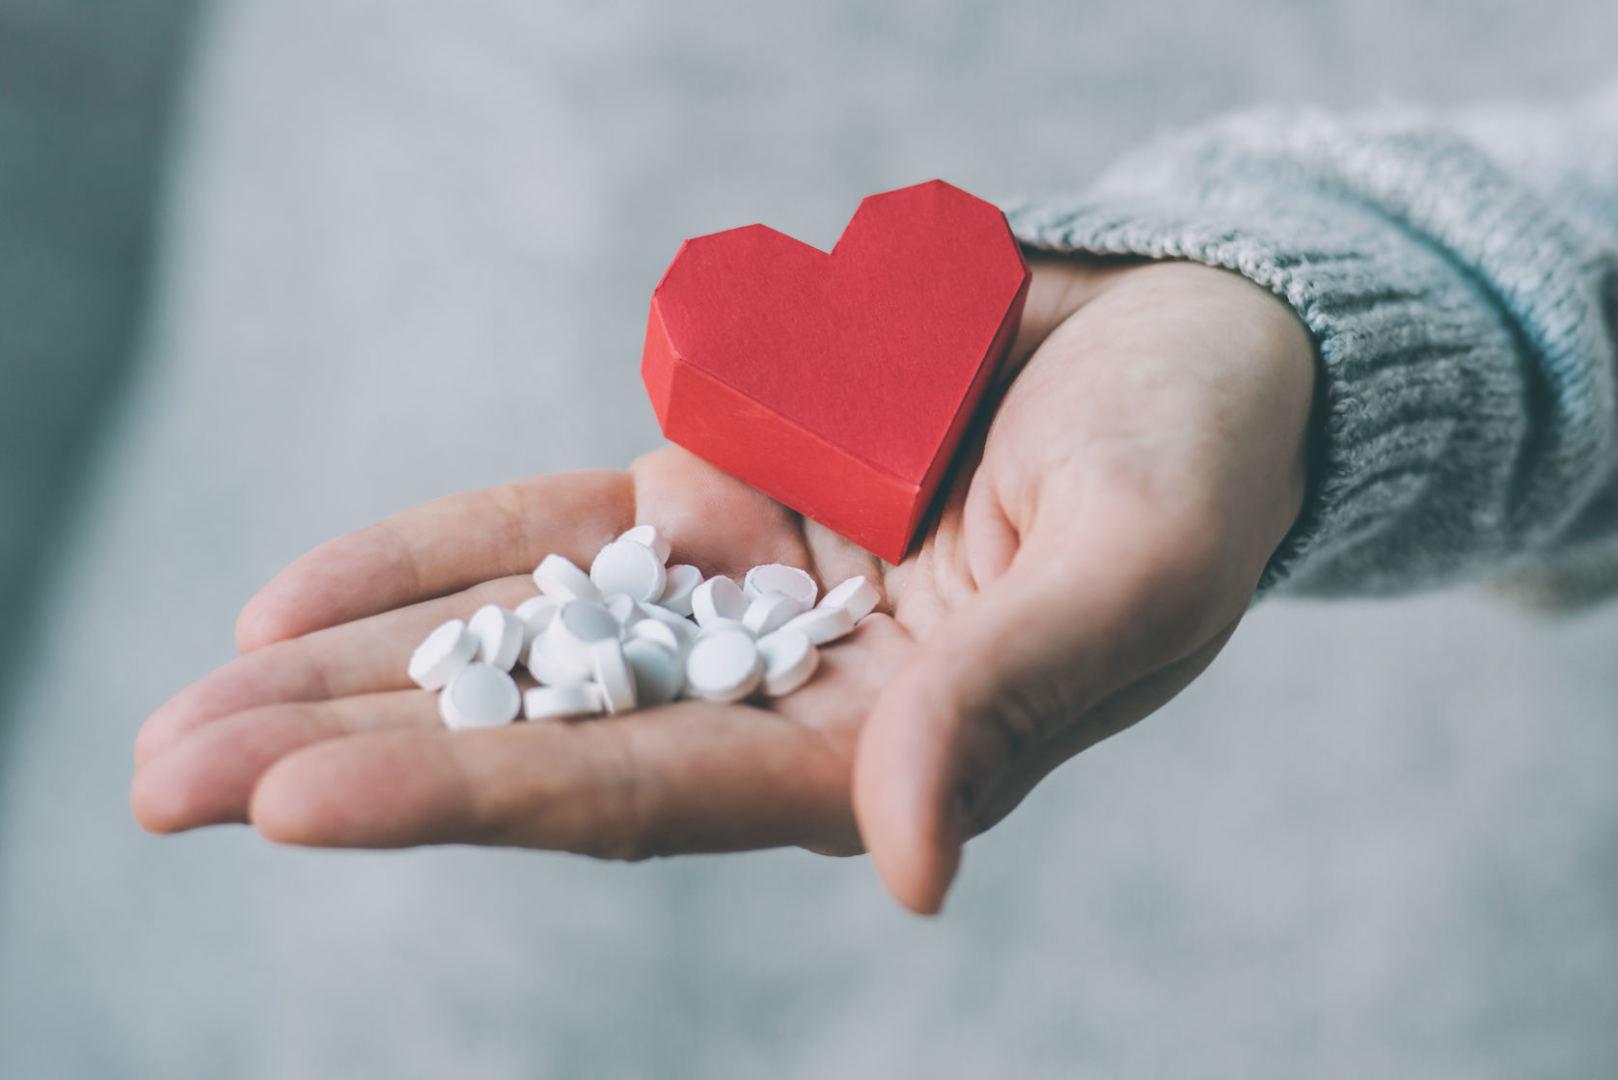 sveikata 4 gyvenimo širdis sumažėjęs regėjimas su hipertenzija